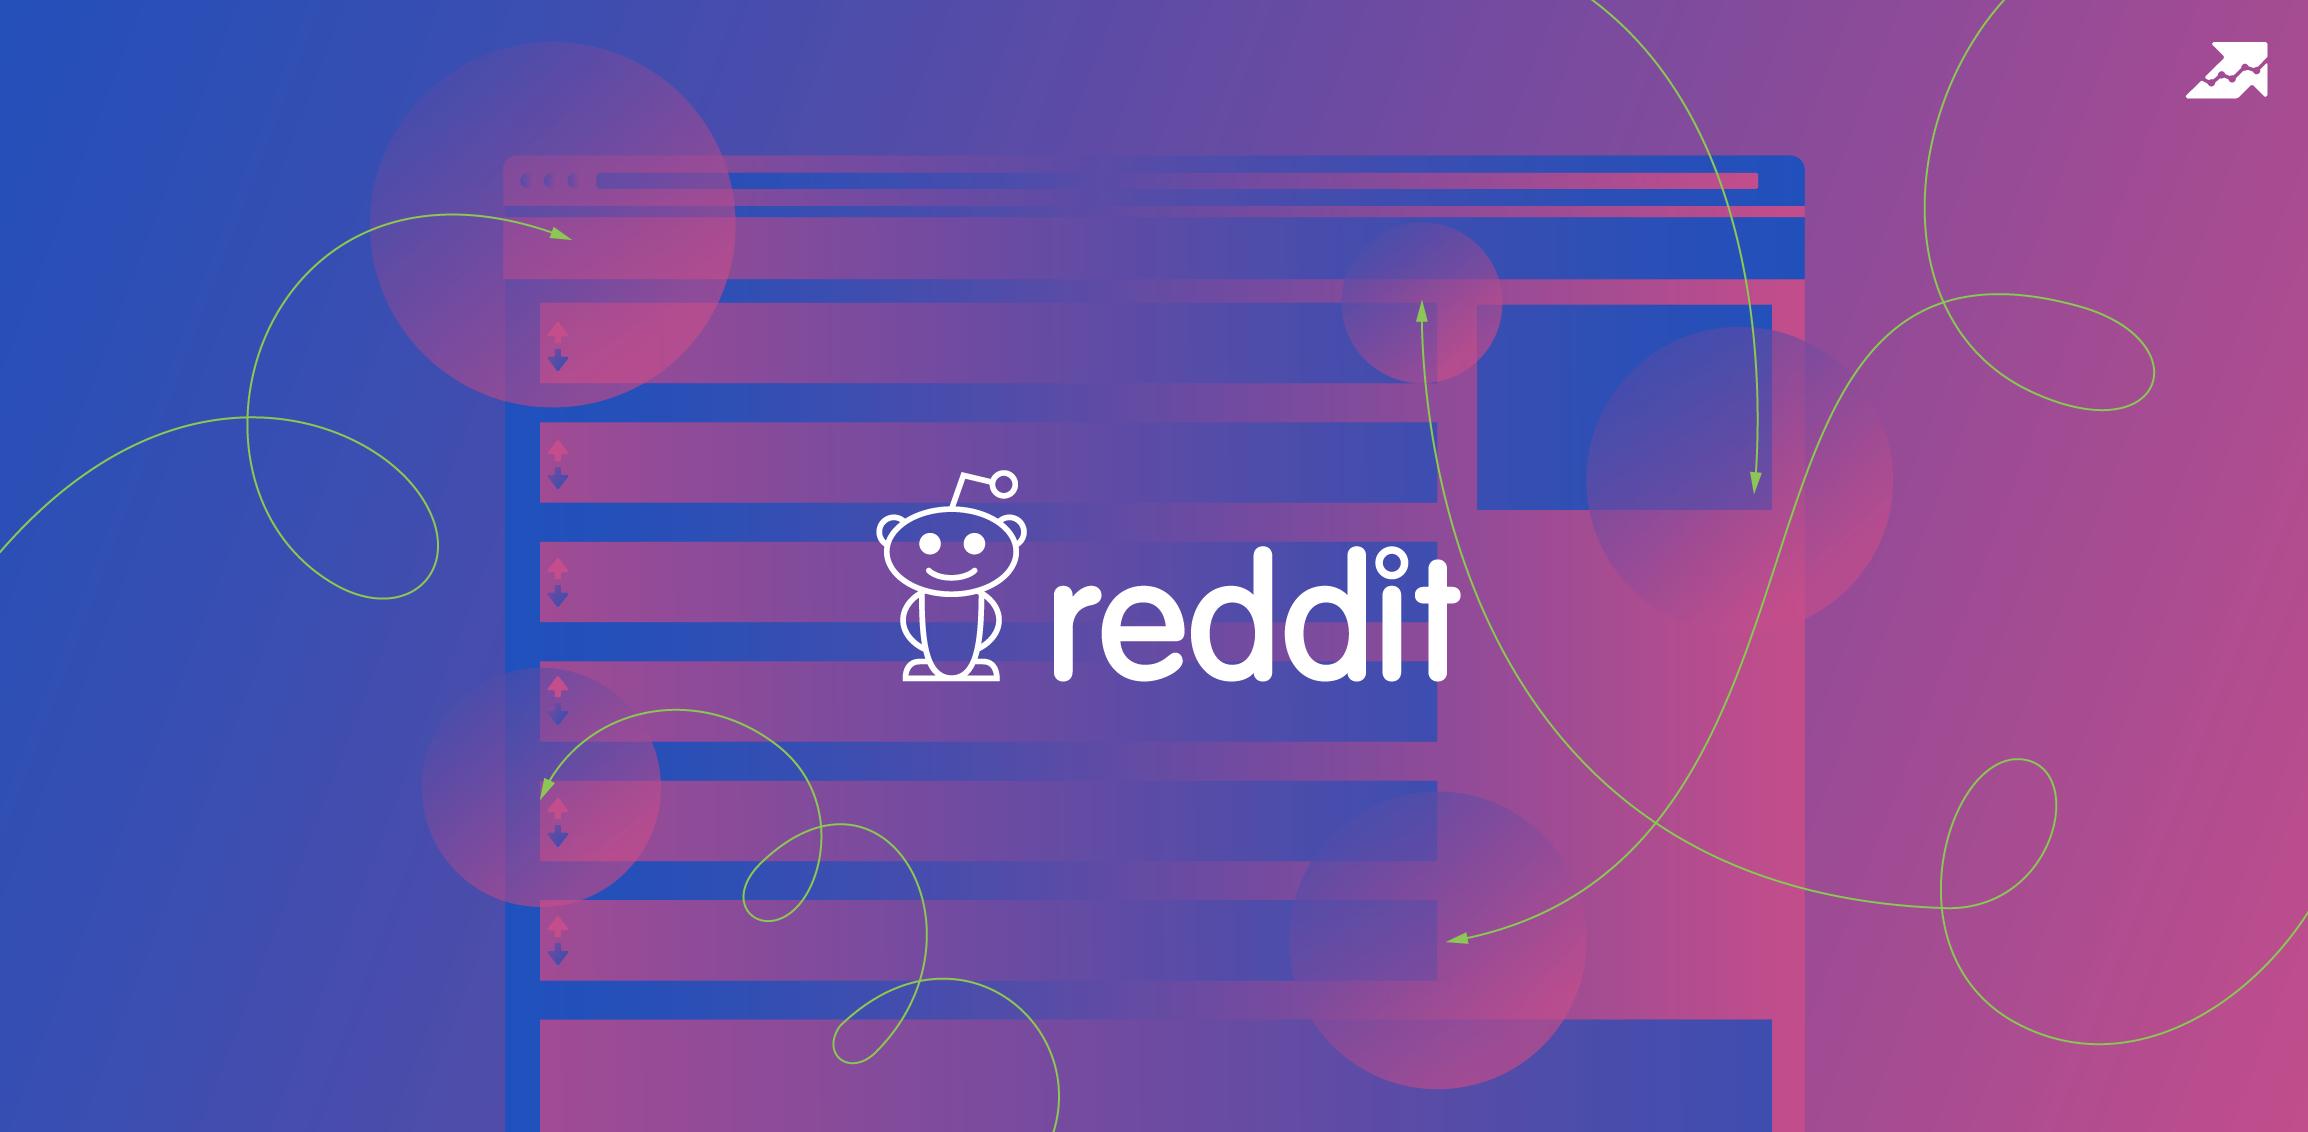 25 советов, которые помогут вам продвинуться на Reddit